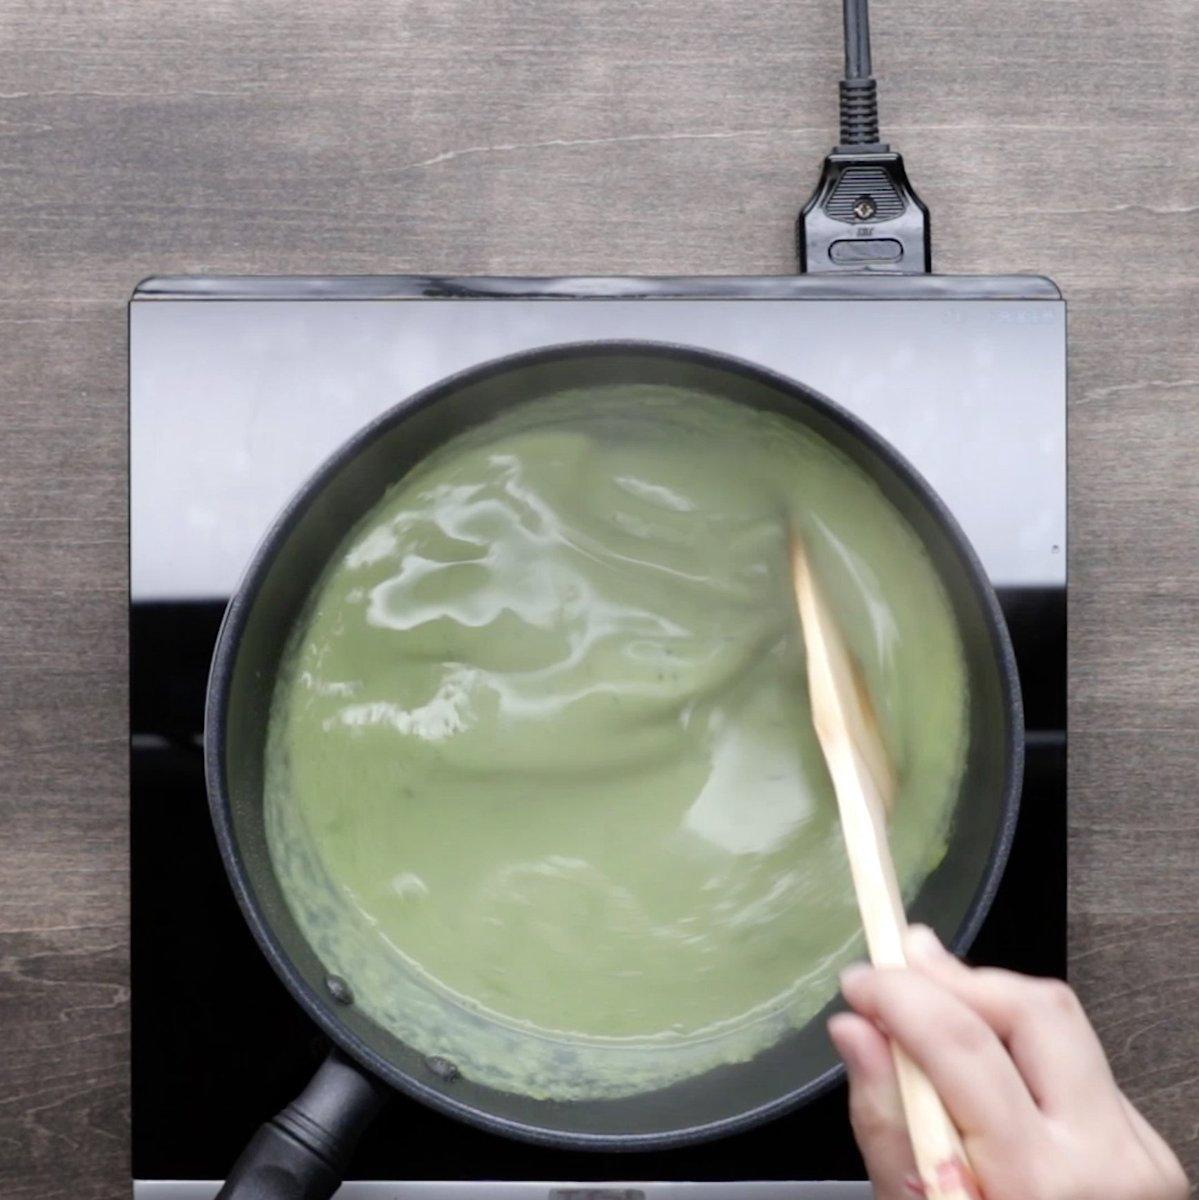 ⭐️作り方 1. 抹茶ミルク寒天を作る。鍋に水、牛乳、抹茶、砂糖、粉寒天を入れ、中火にかけてよく混ぜながら煮溶かす。